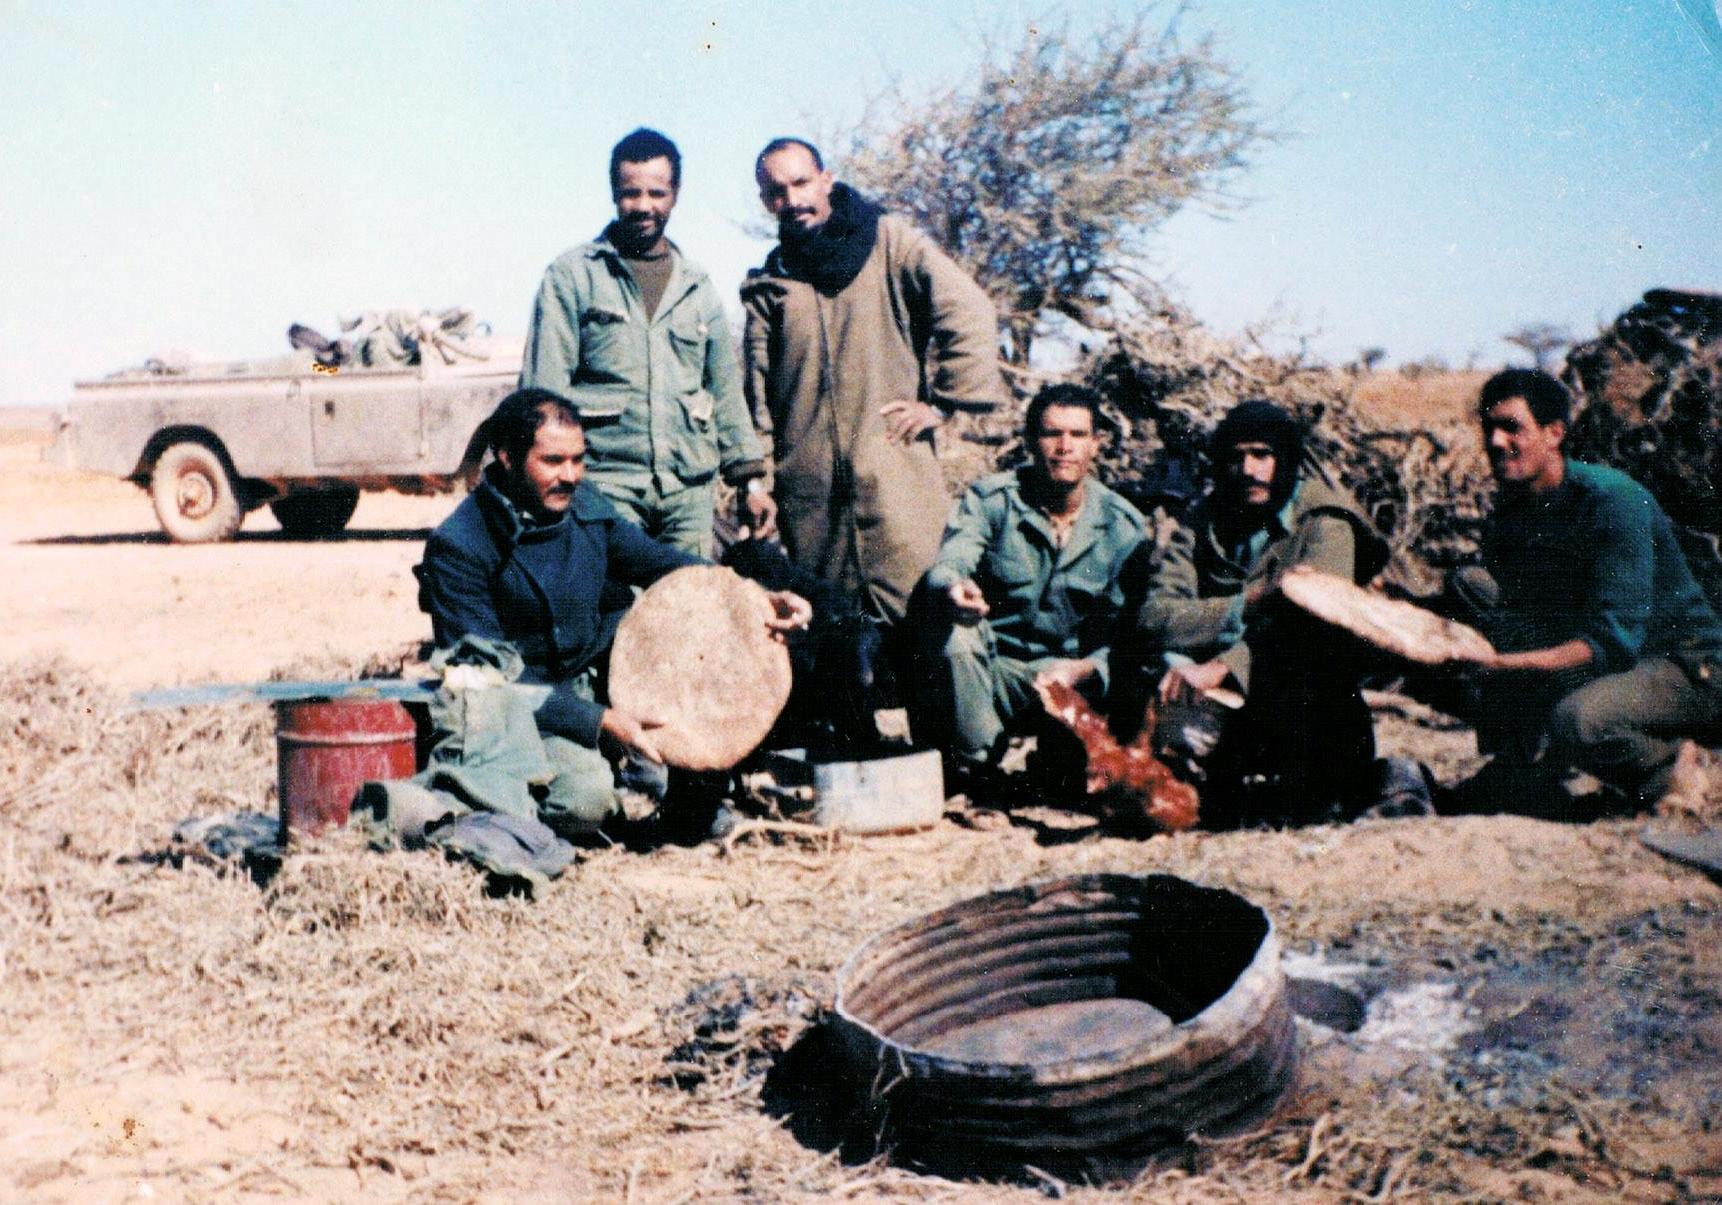 Le conflit armé du sahara marocain - Page 8 151221043748829928